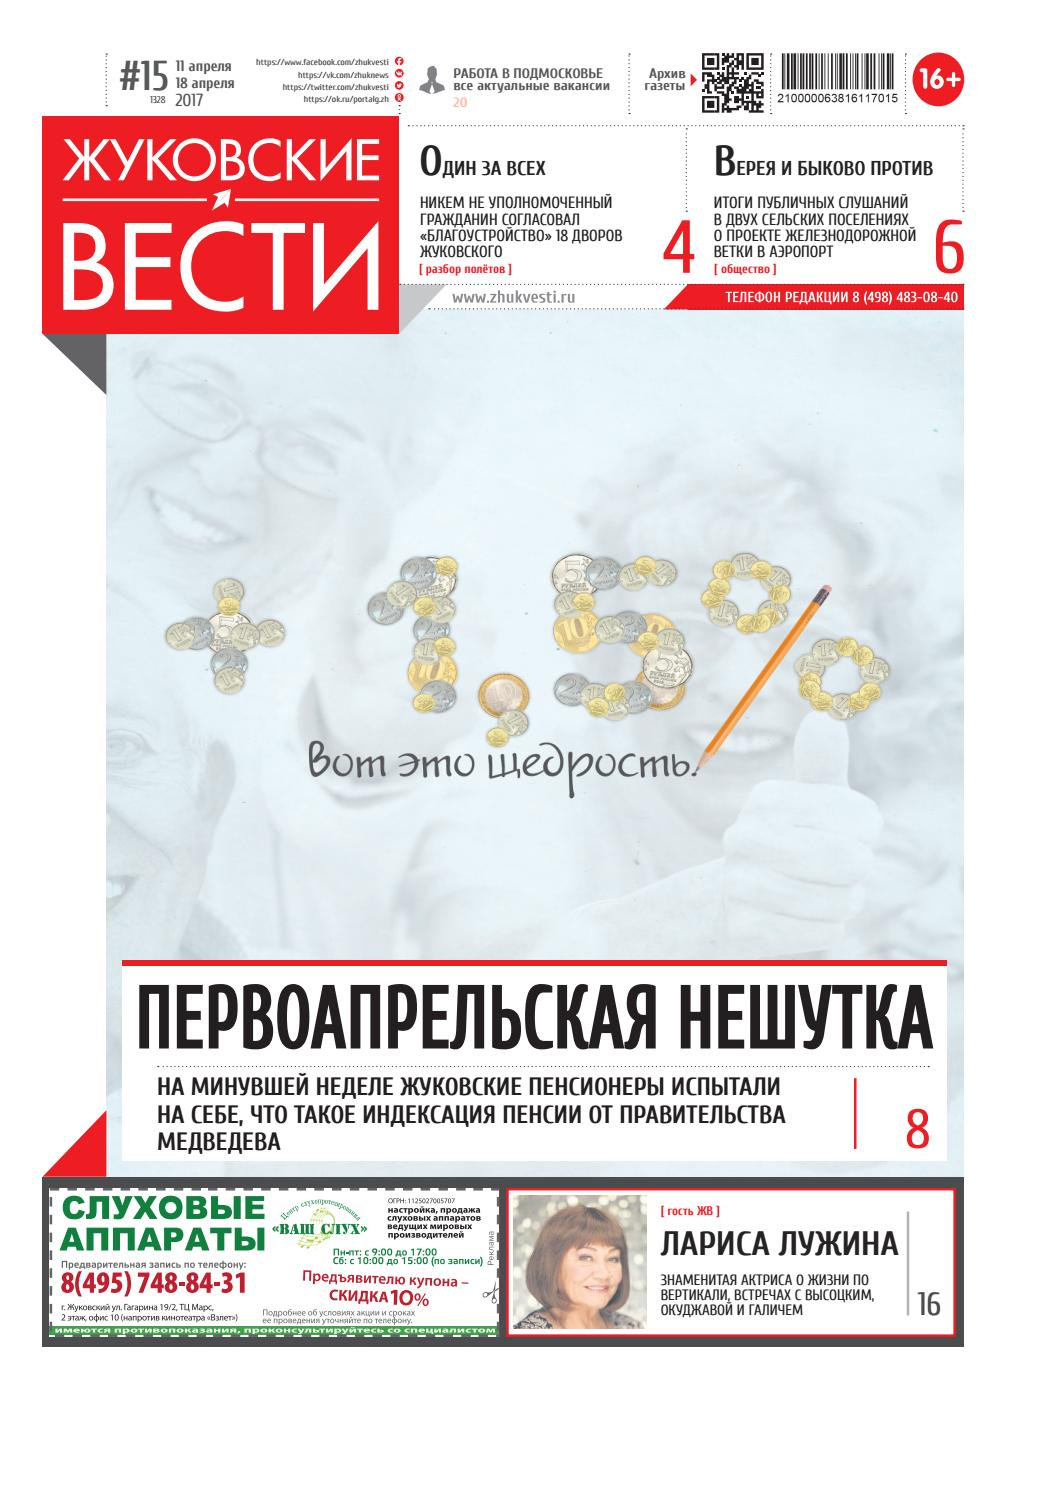 Брачный договор и раздел имущества супругов – Адвокаты Москвы Ушаковы, Путиловы